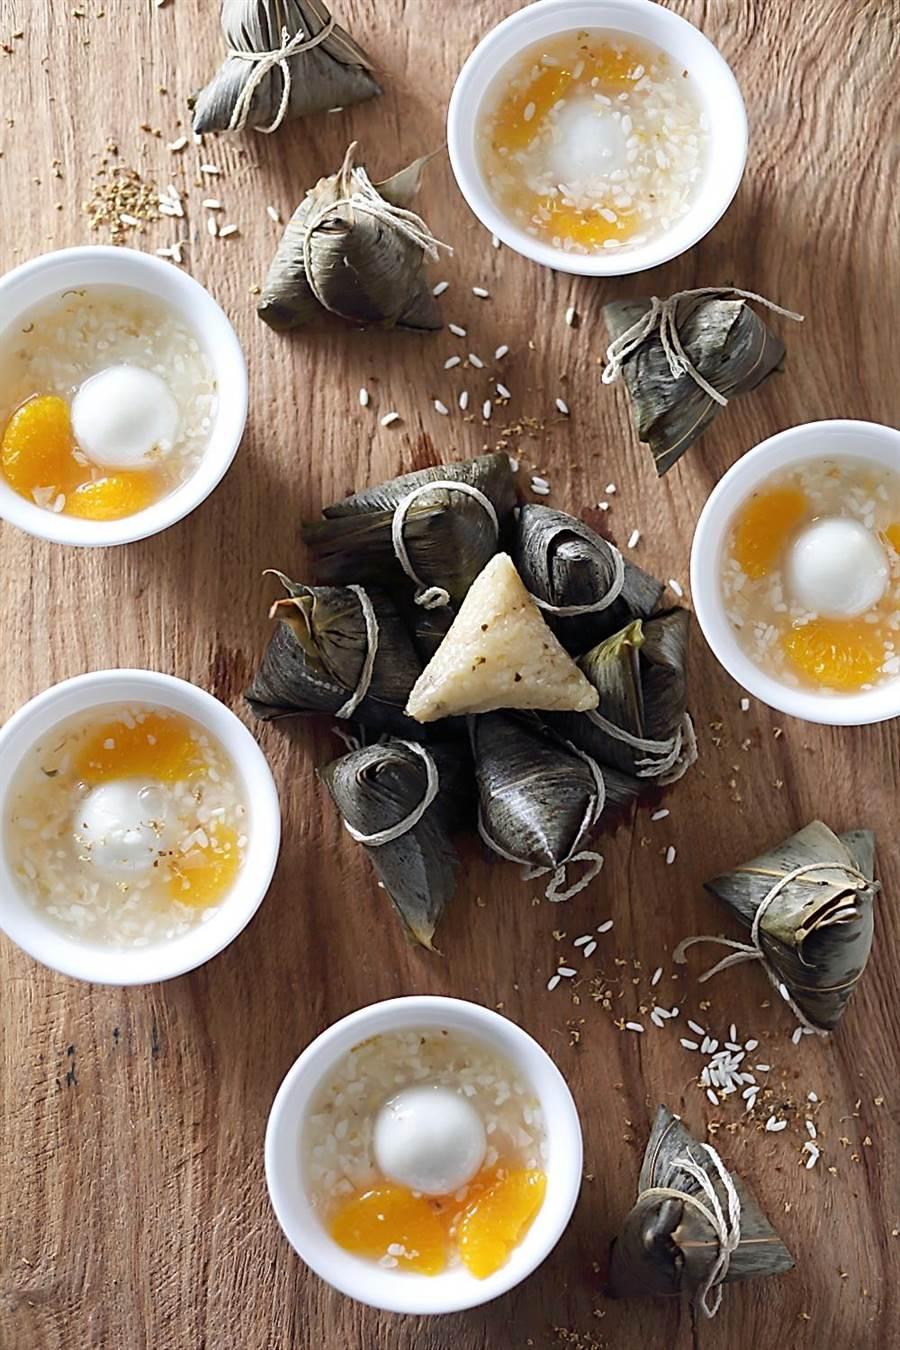 麗緻餐飲今年推出的〈一口粽禮盒〉中,最特別的是天香樓主廚設計的〈酒釀湯圓粽〉。(圖/麗緻餐旅集團)